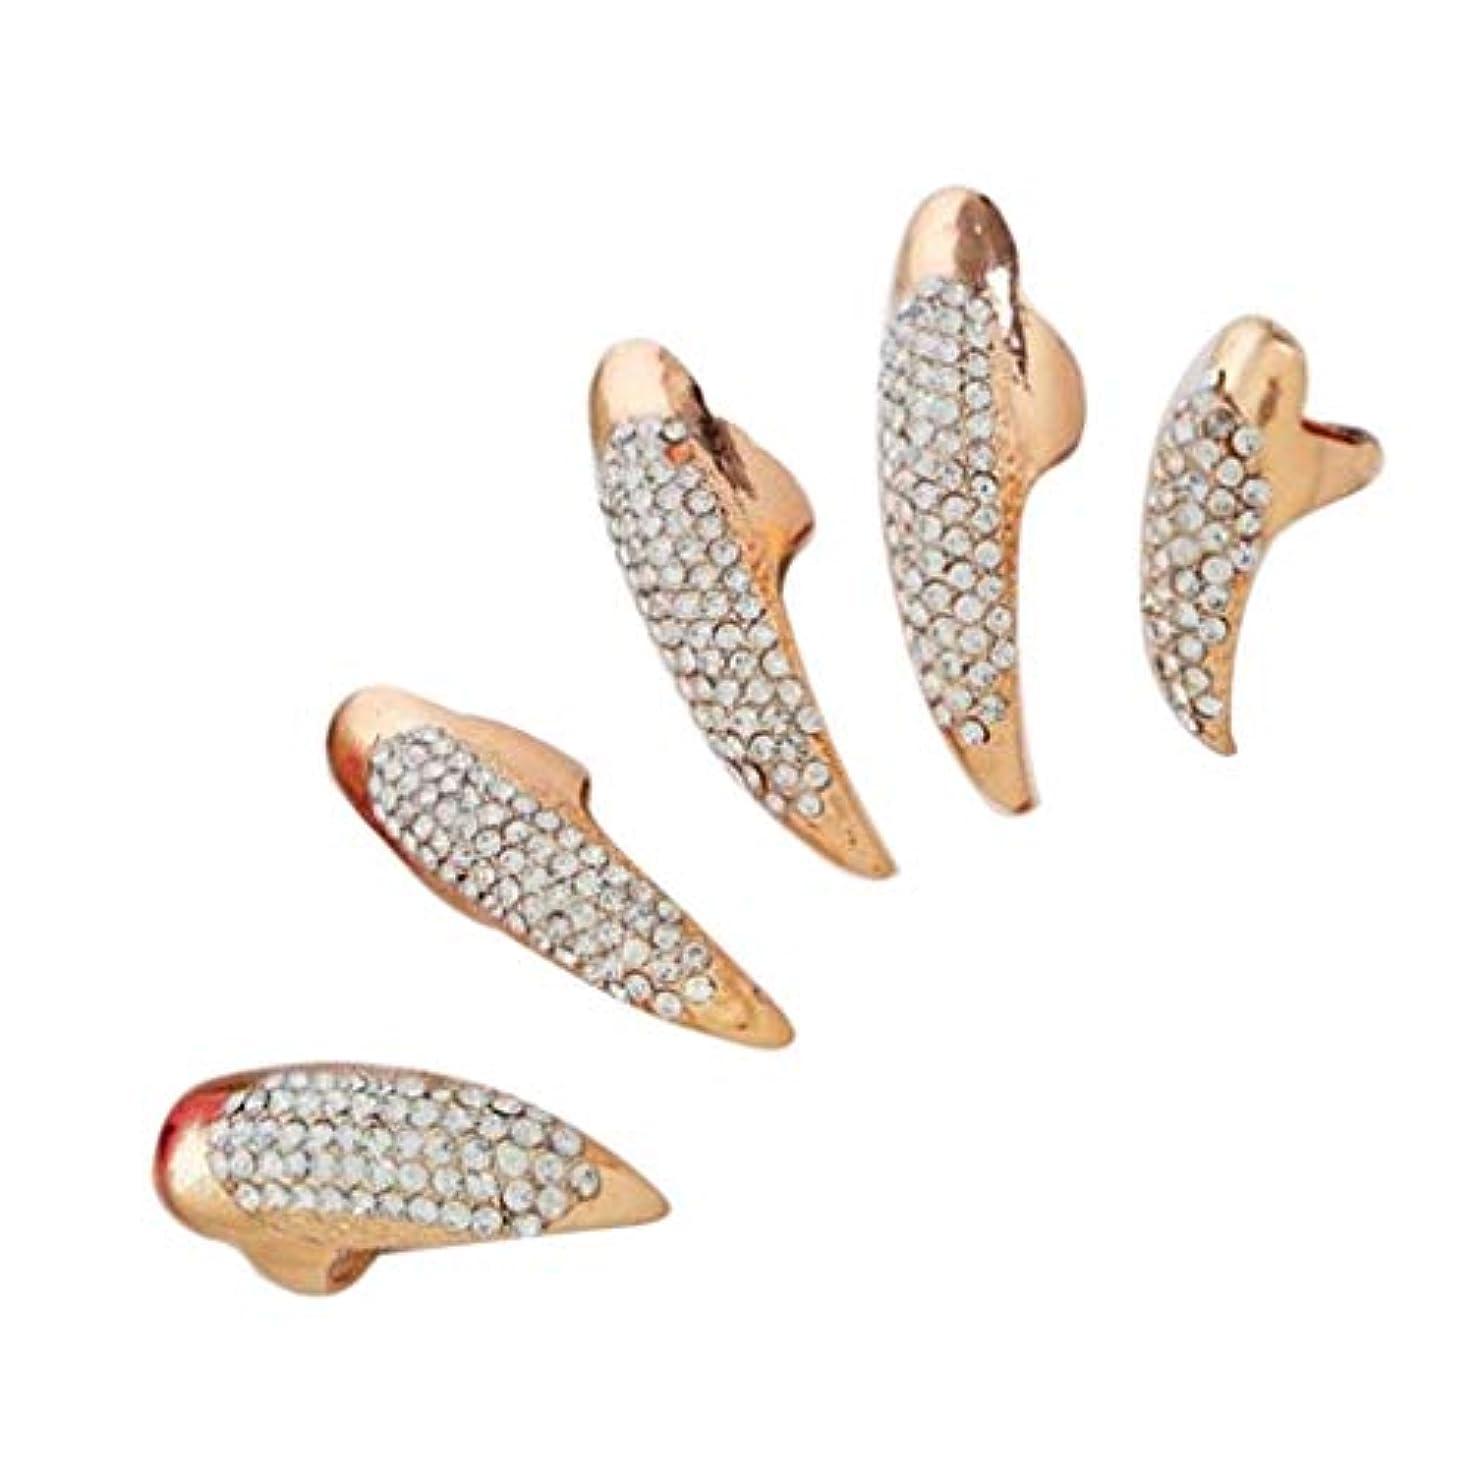 プランテーションきれいに精神的にネイルリング チップリング 爪の指輪 指先の指輪 ネイルアート フォークリング 2色選べ - ゴールデン